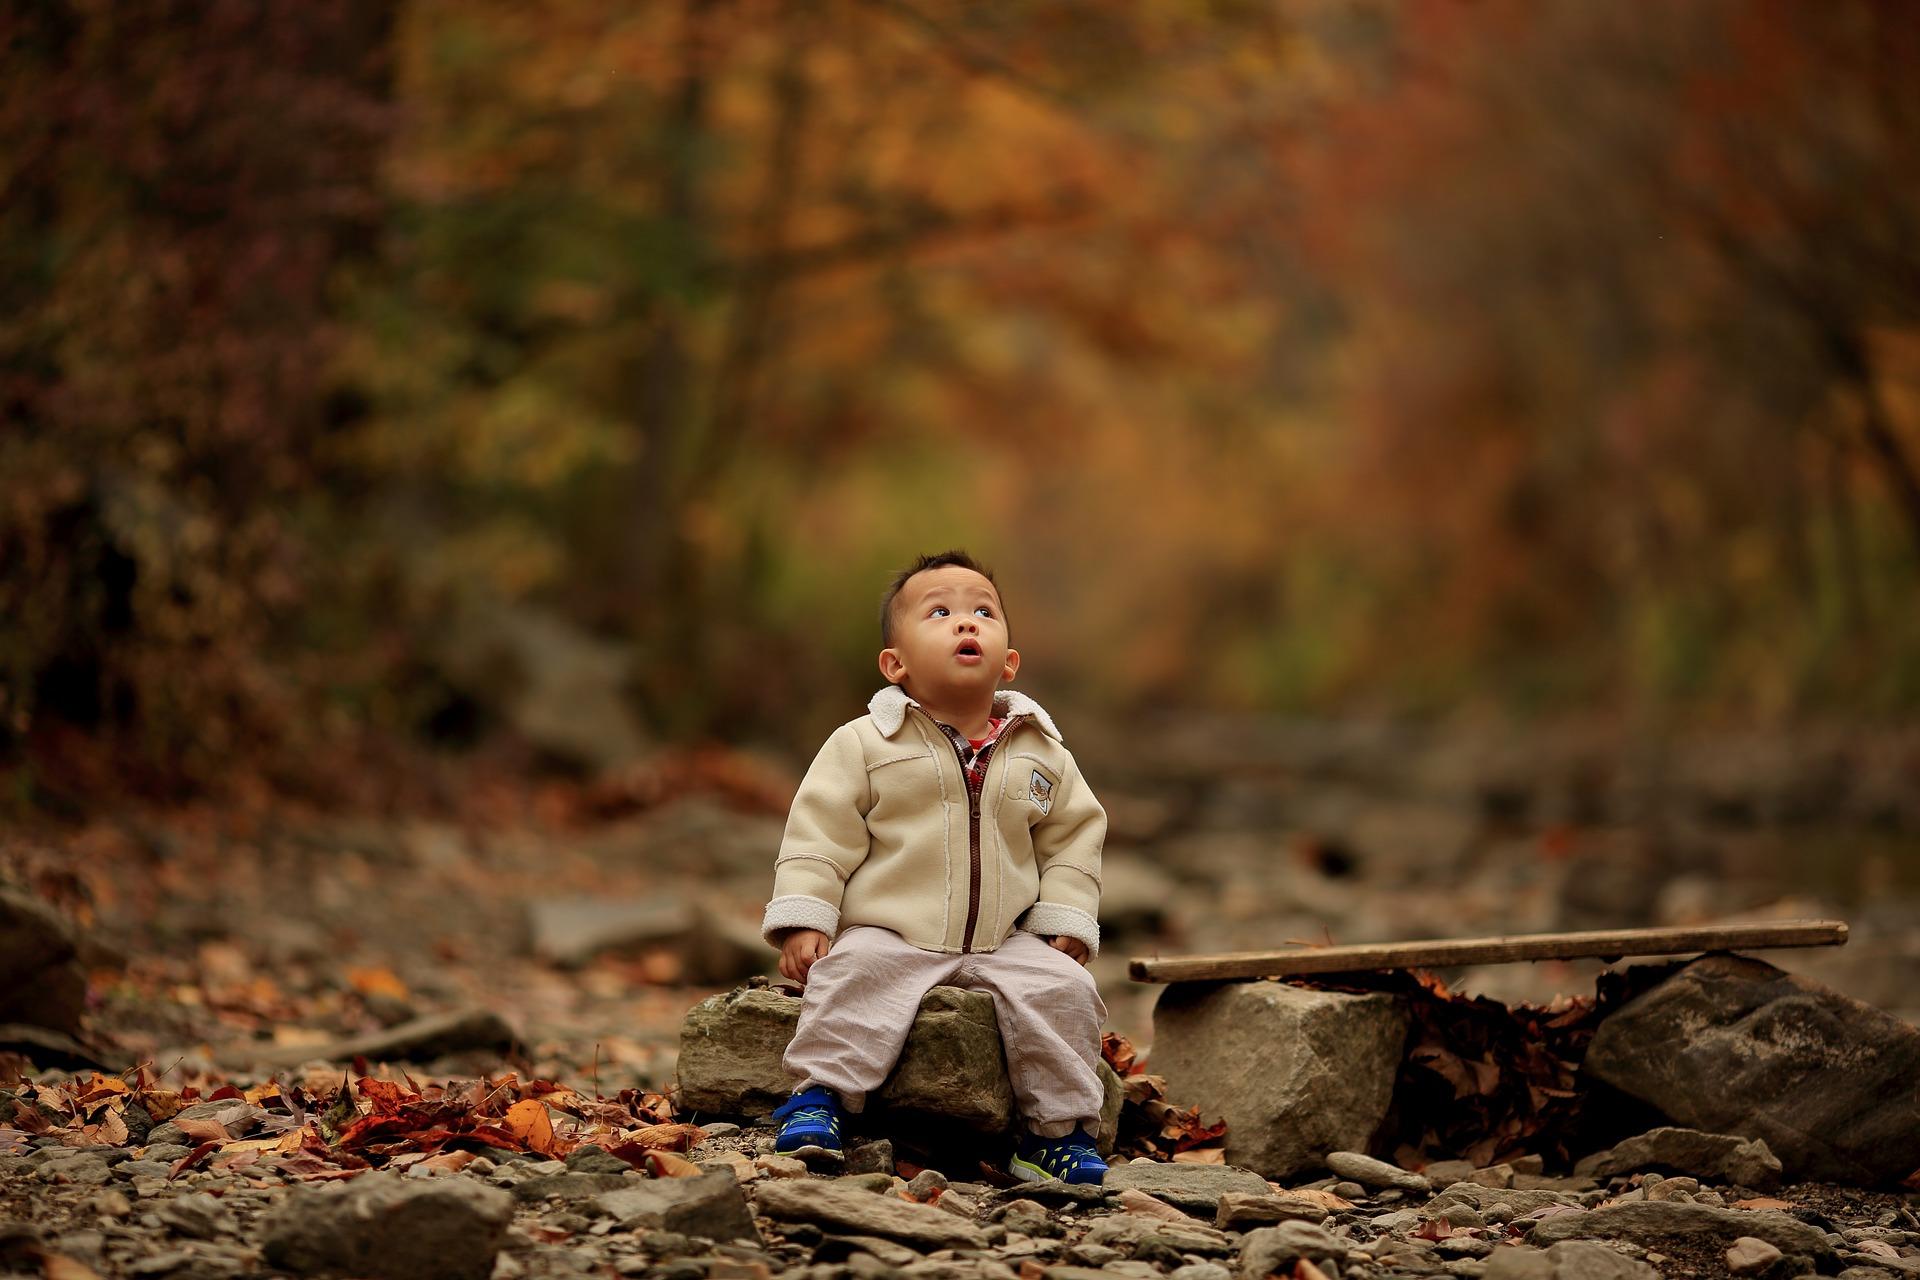 un niño en el bosque mirando hacia los árboles